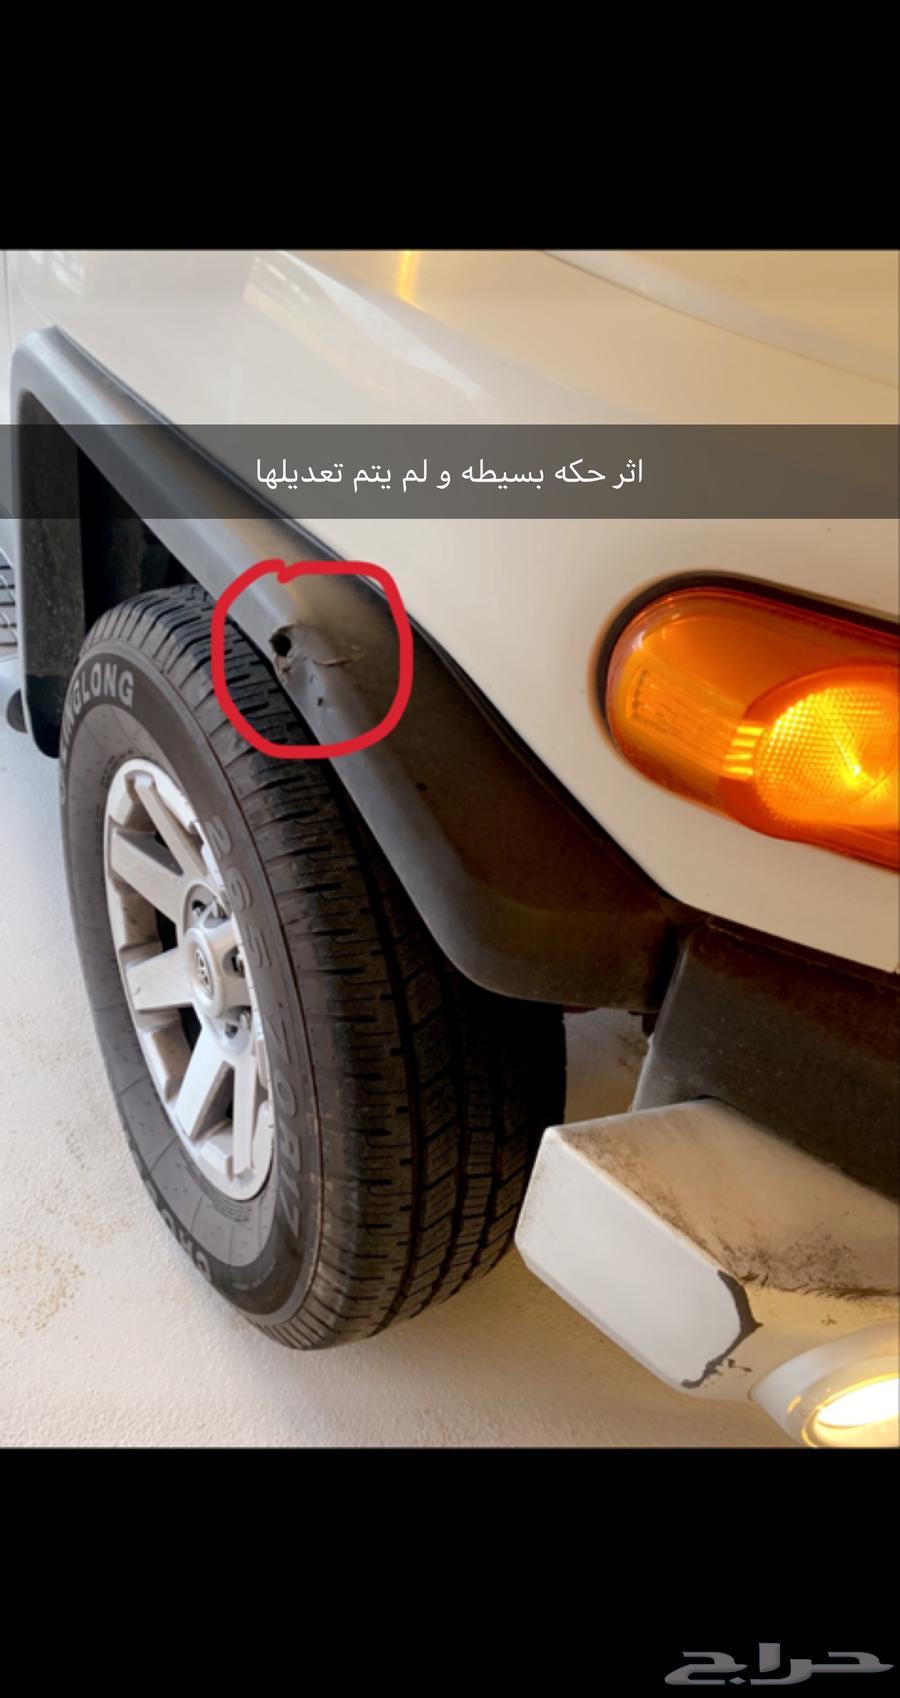 اف جي 14 سعودي فل كامل أبيض